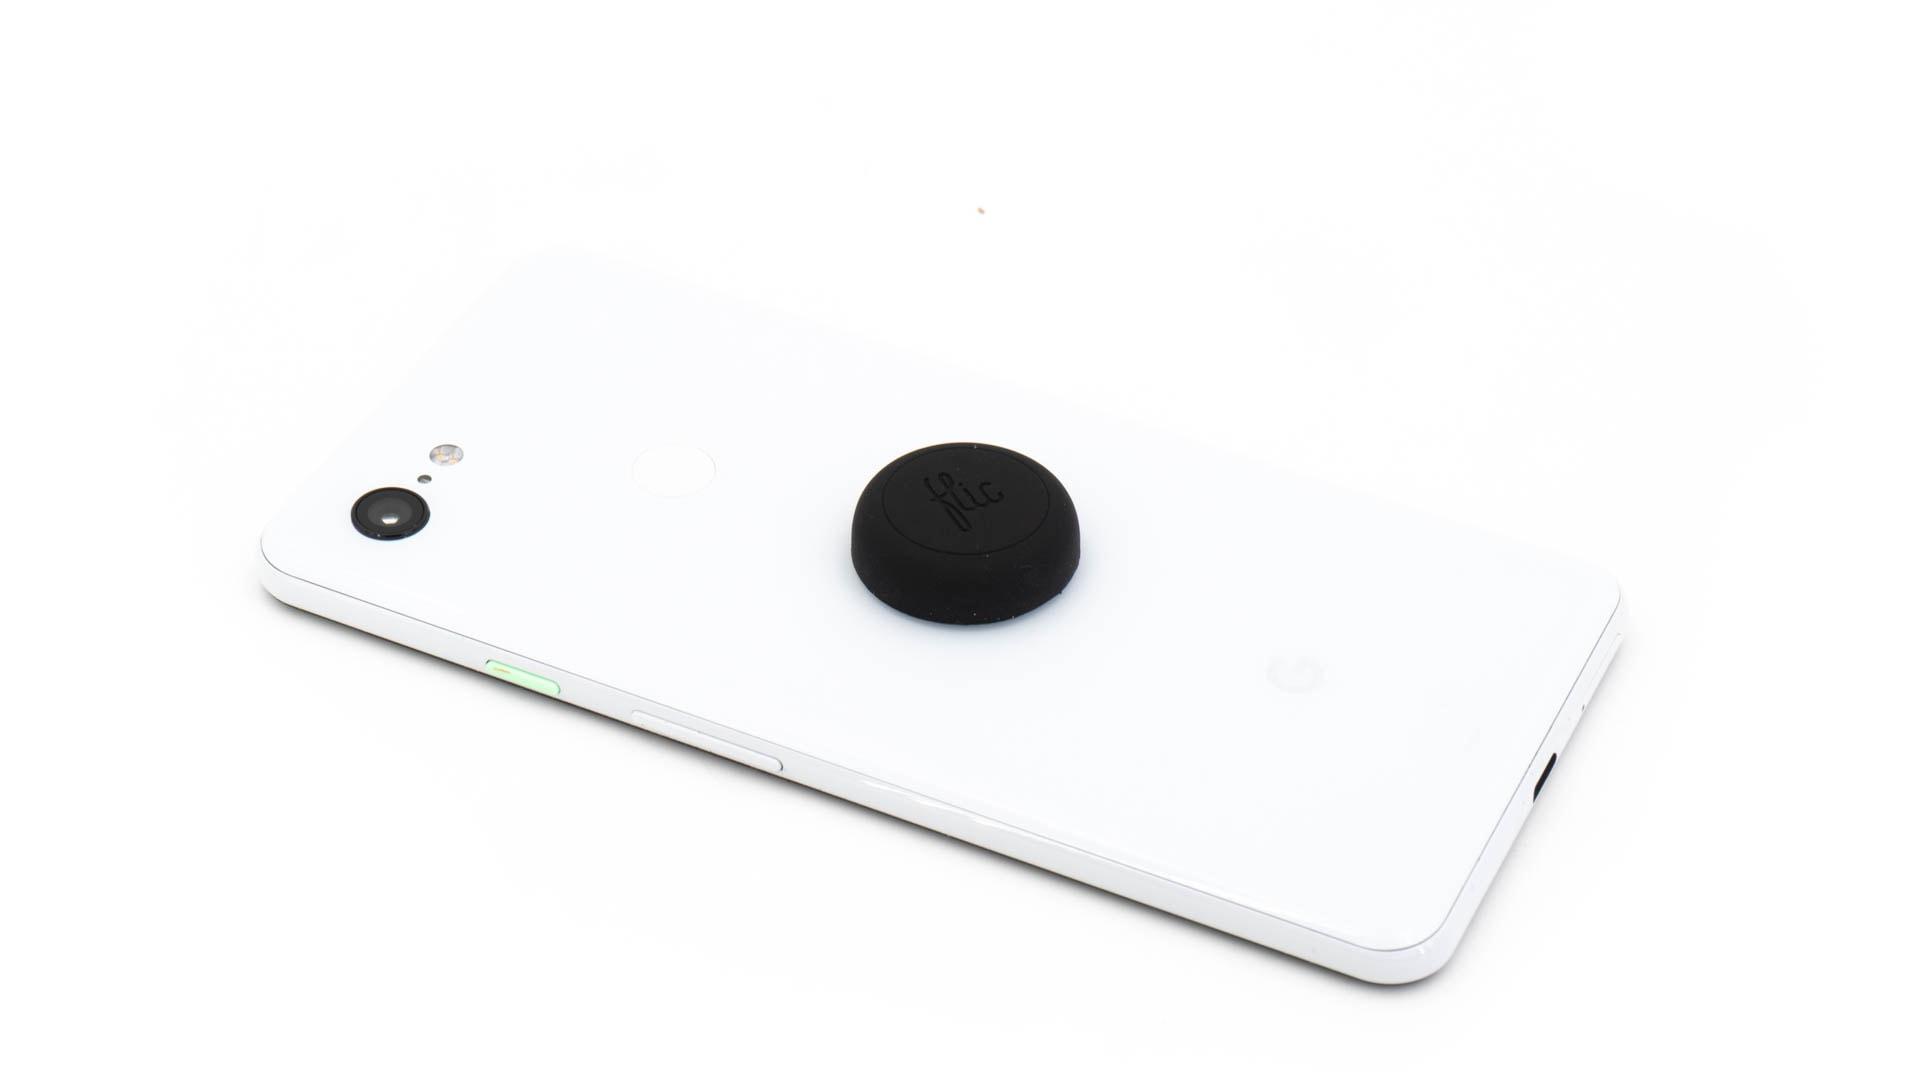 Eine Fernbedienung für LIFX,Sonos, das Gardena smart System